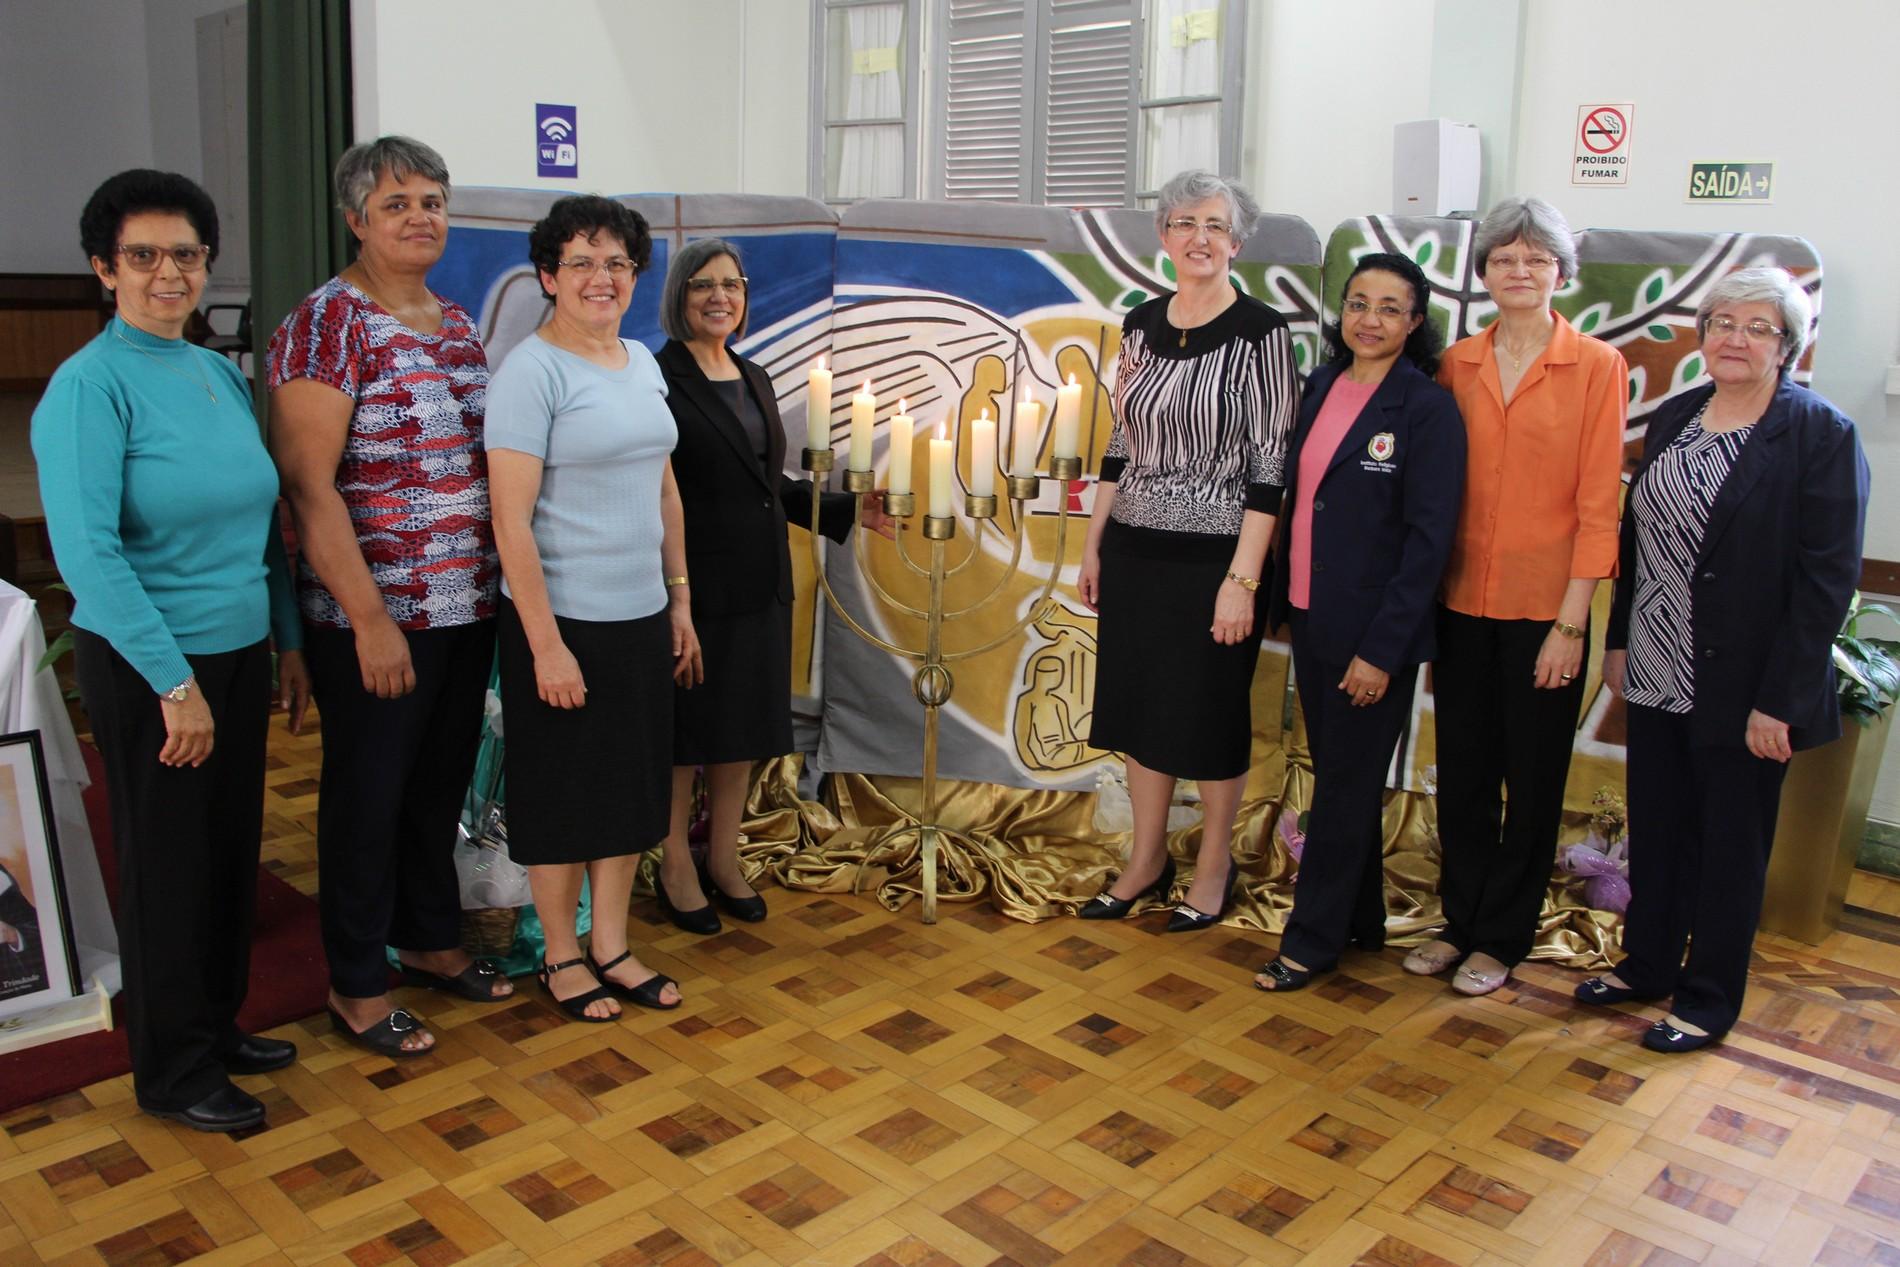 Novo Conselho Geral ICM, da esquerda pra Direita: Irmãs: Adelaide, Francisca Aparecida, Maria Bernardete, Maria Freire, Elenar Berghahn, Maria Aparecida, Dalia Löff e Lia Lauxen.